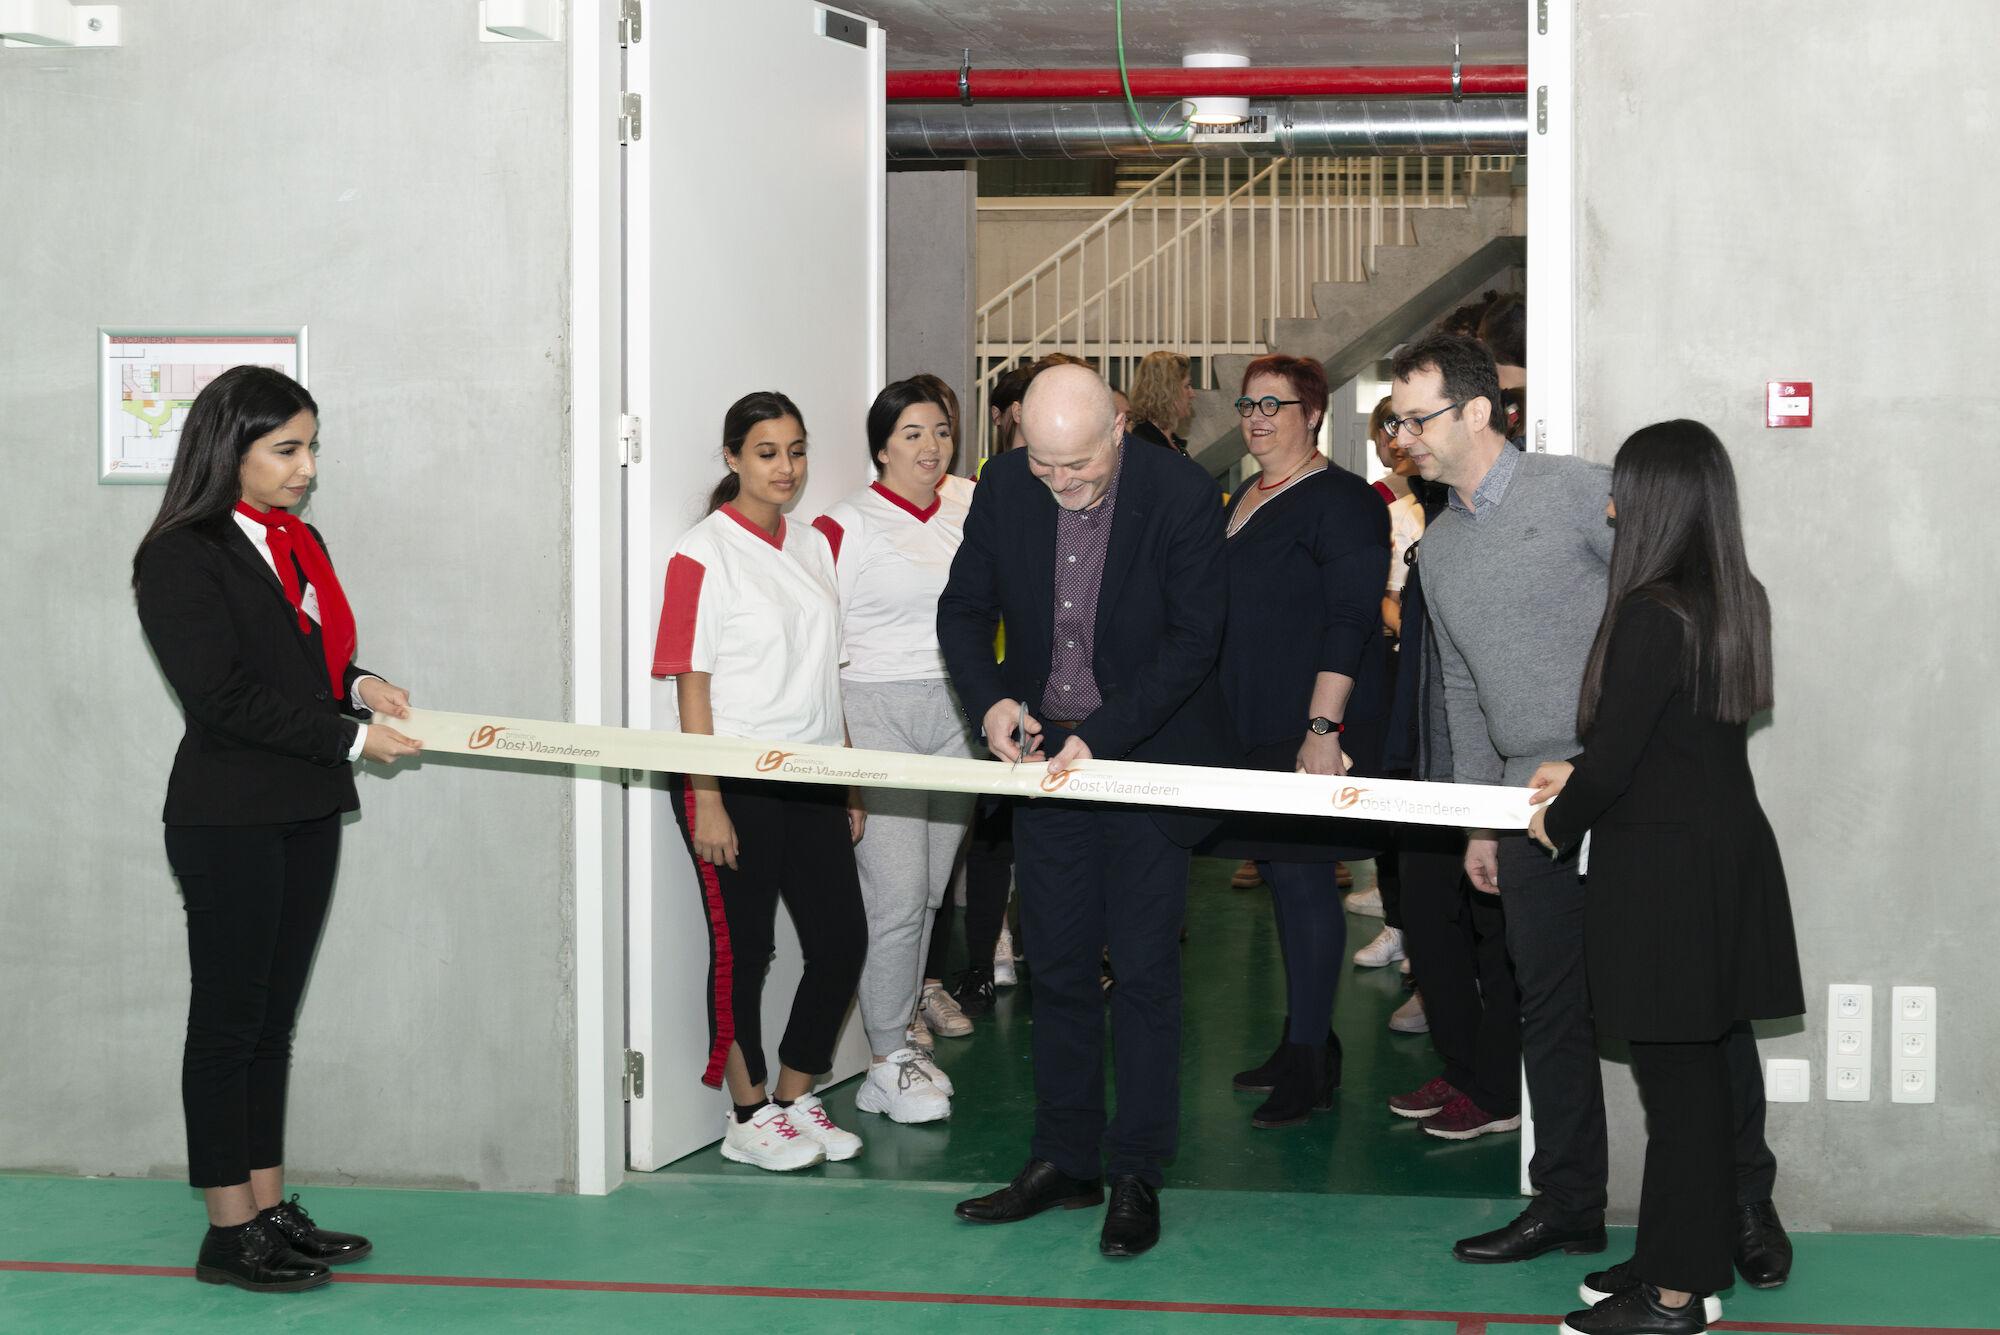 20190311 Officiële opening sporthal Henleykaai 08.jpg